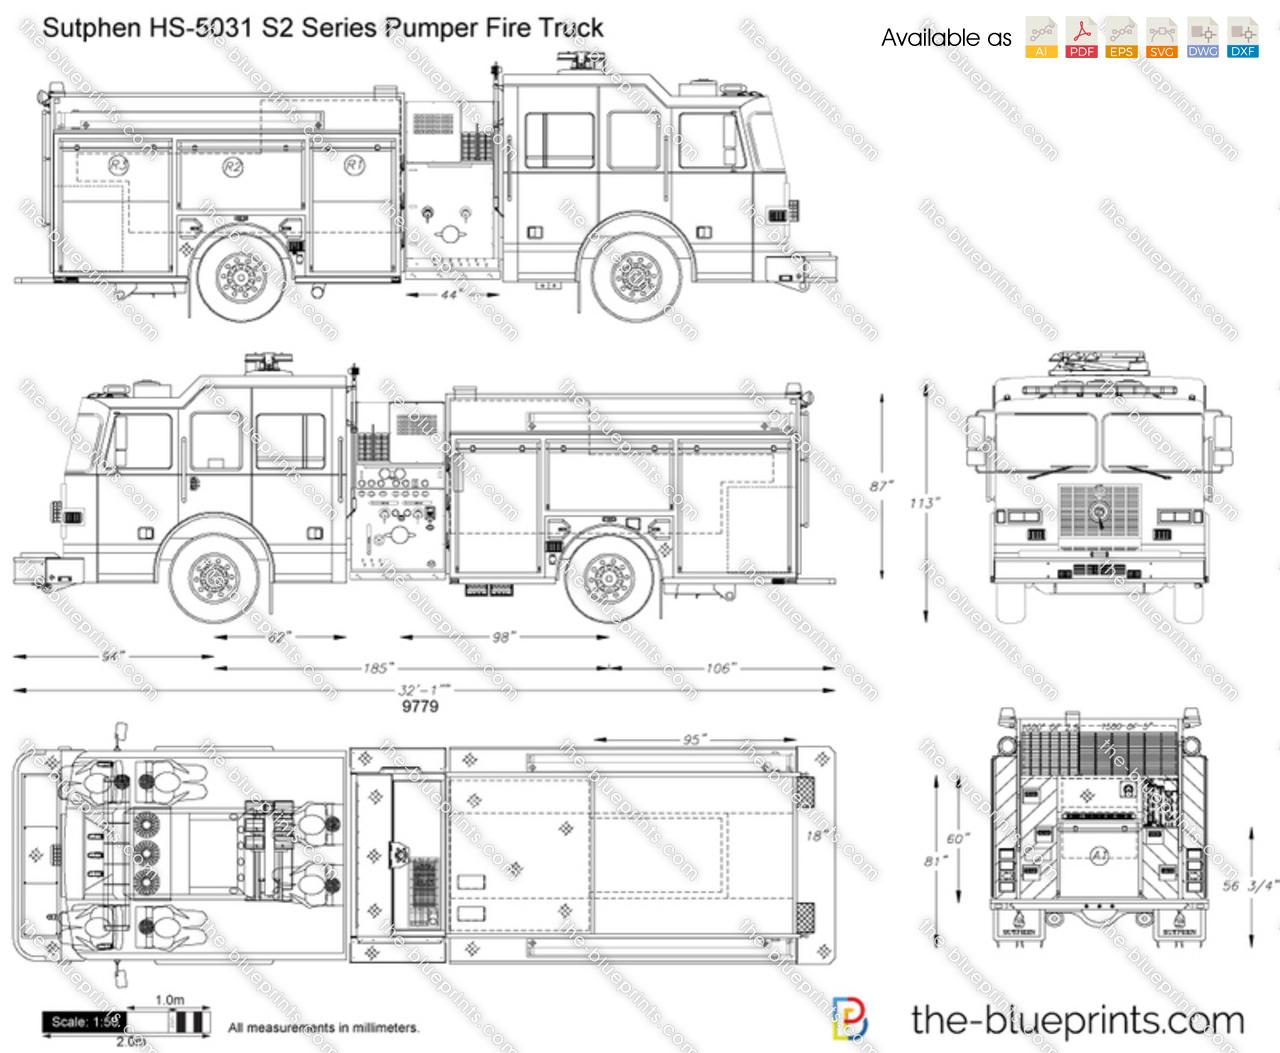 Sutphen Hs S2 Series Pumper Fire Truck Vector Drawing